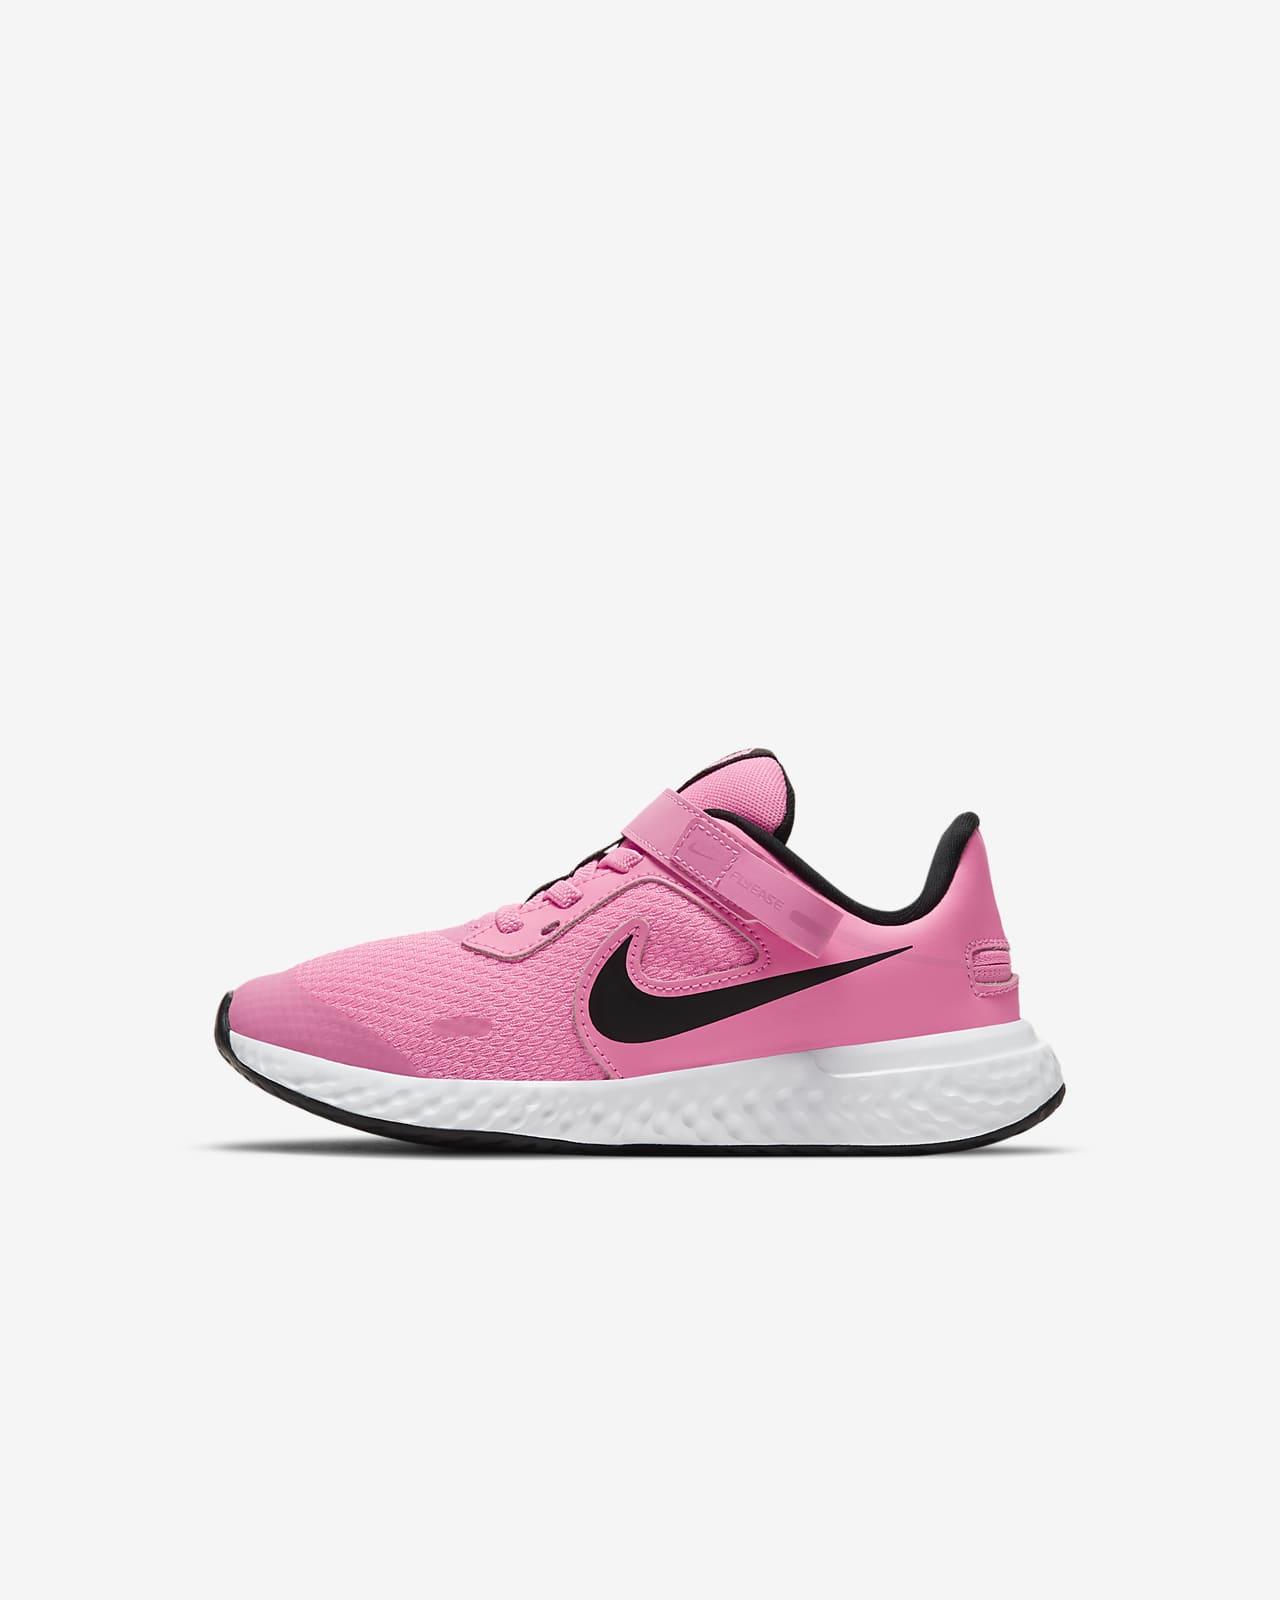 Chaussure Nike Revolution 5 FlyEase pour Jeune enfant